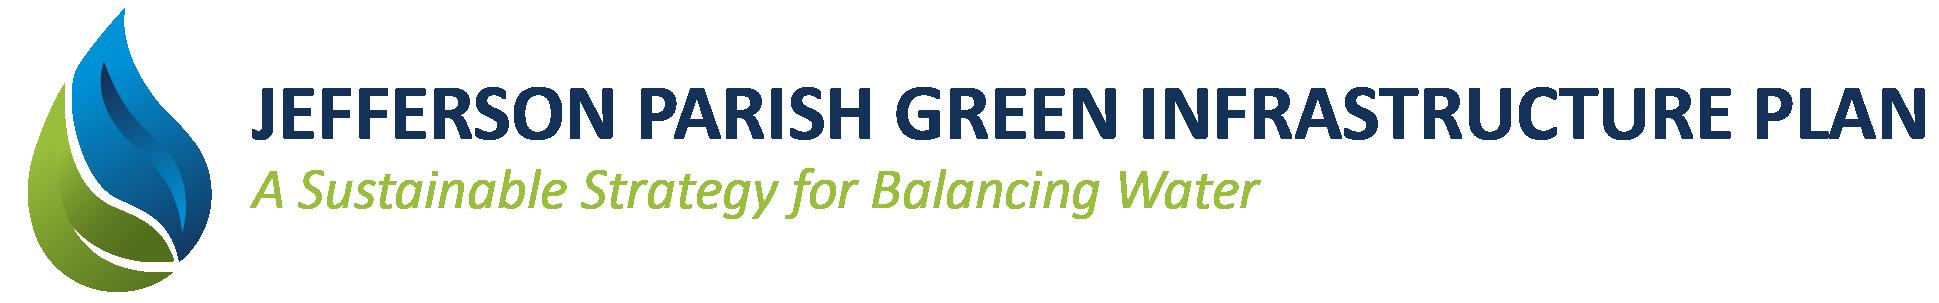 GI_Plan_logo